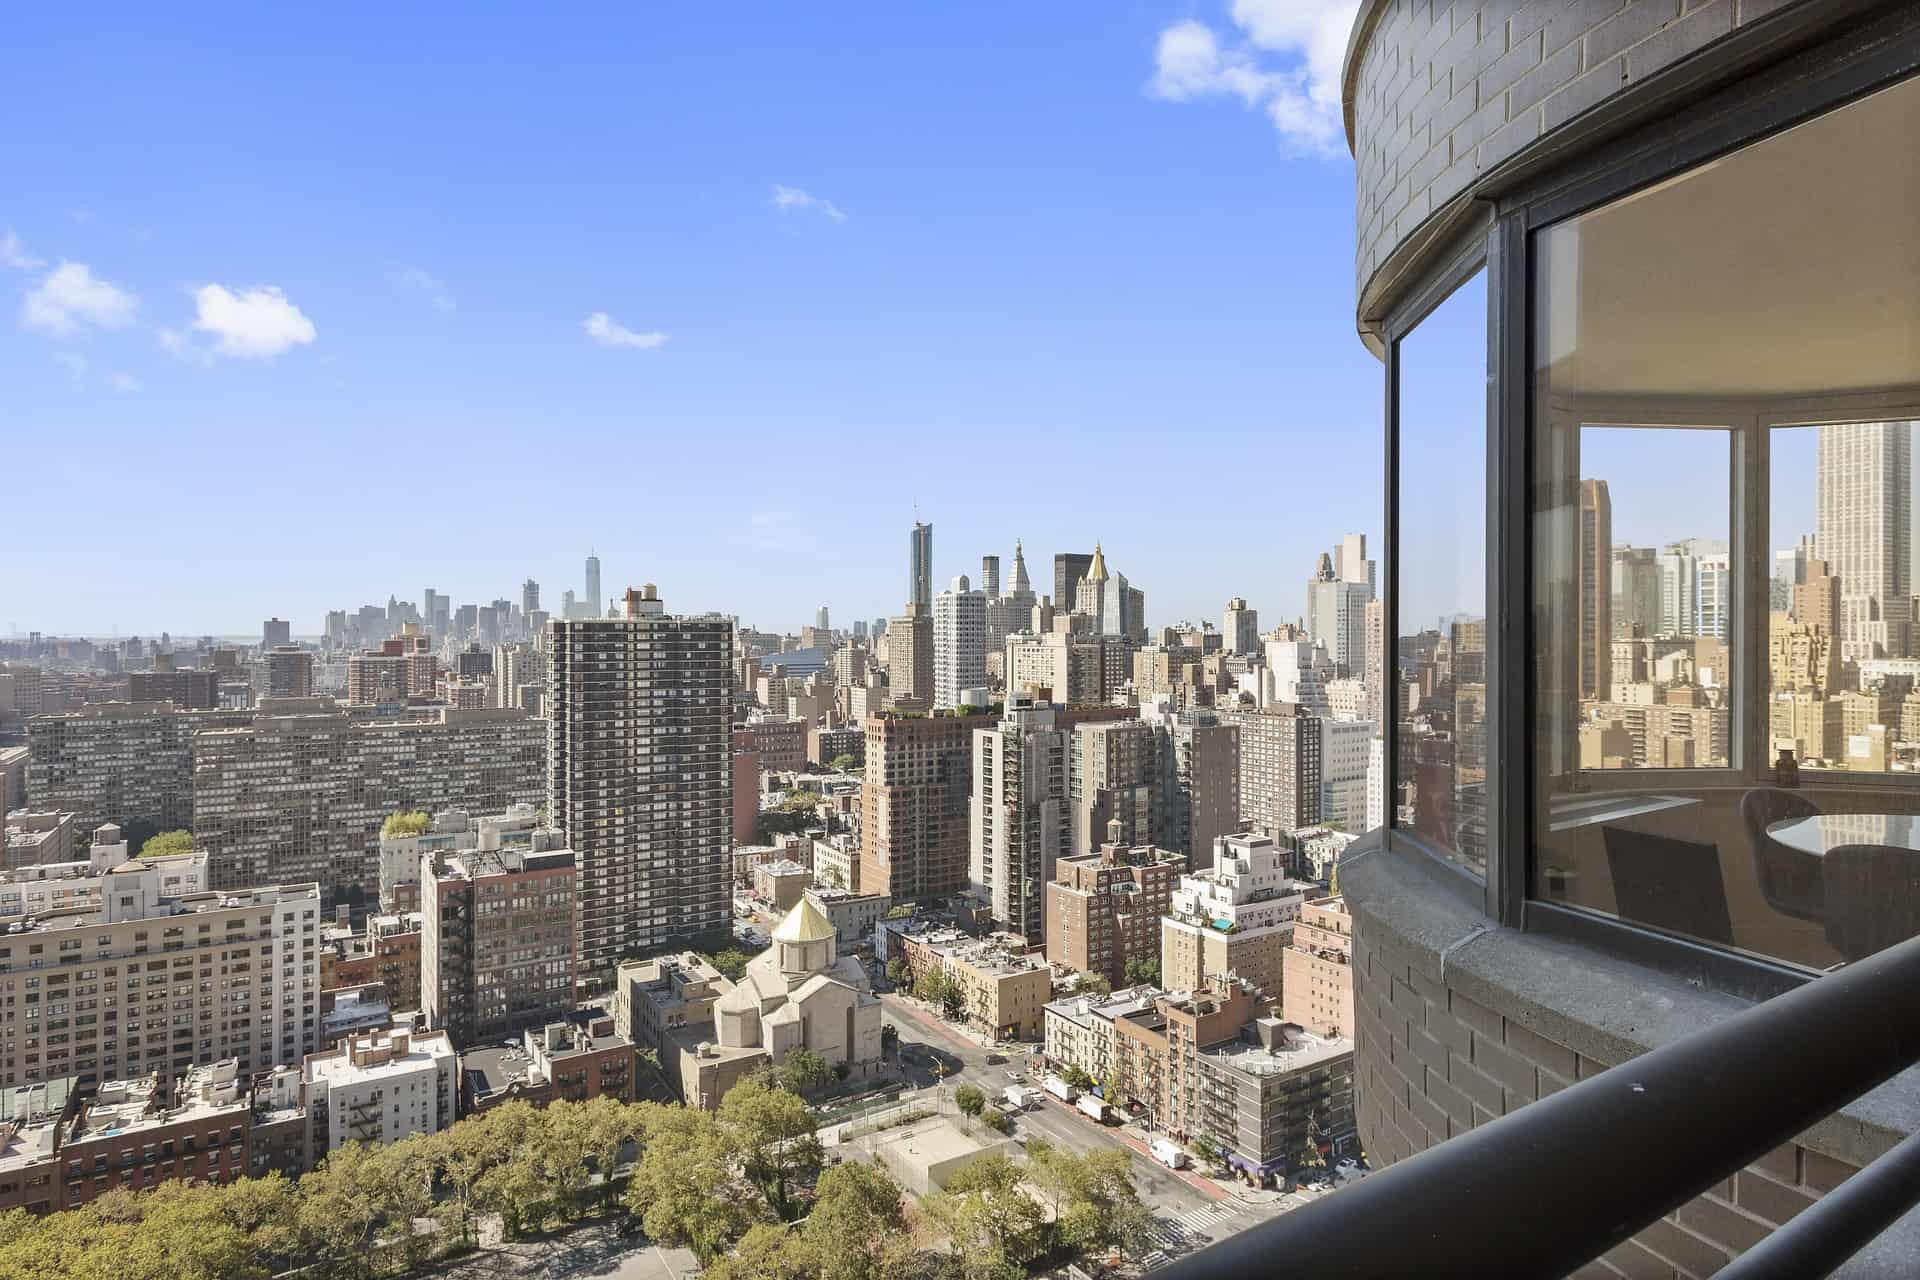 New York im Mai hat man von den rooftop Bars die beste Aussicht